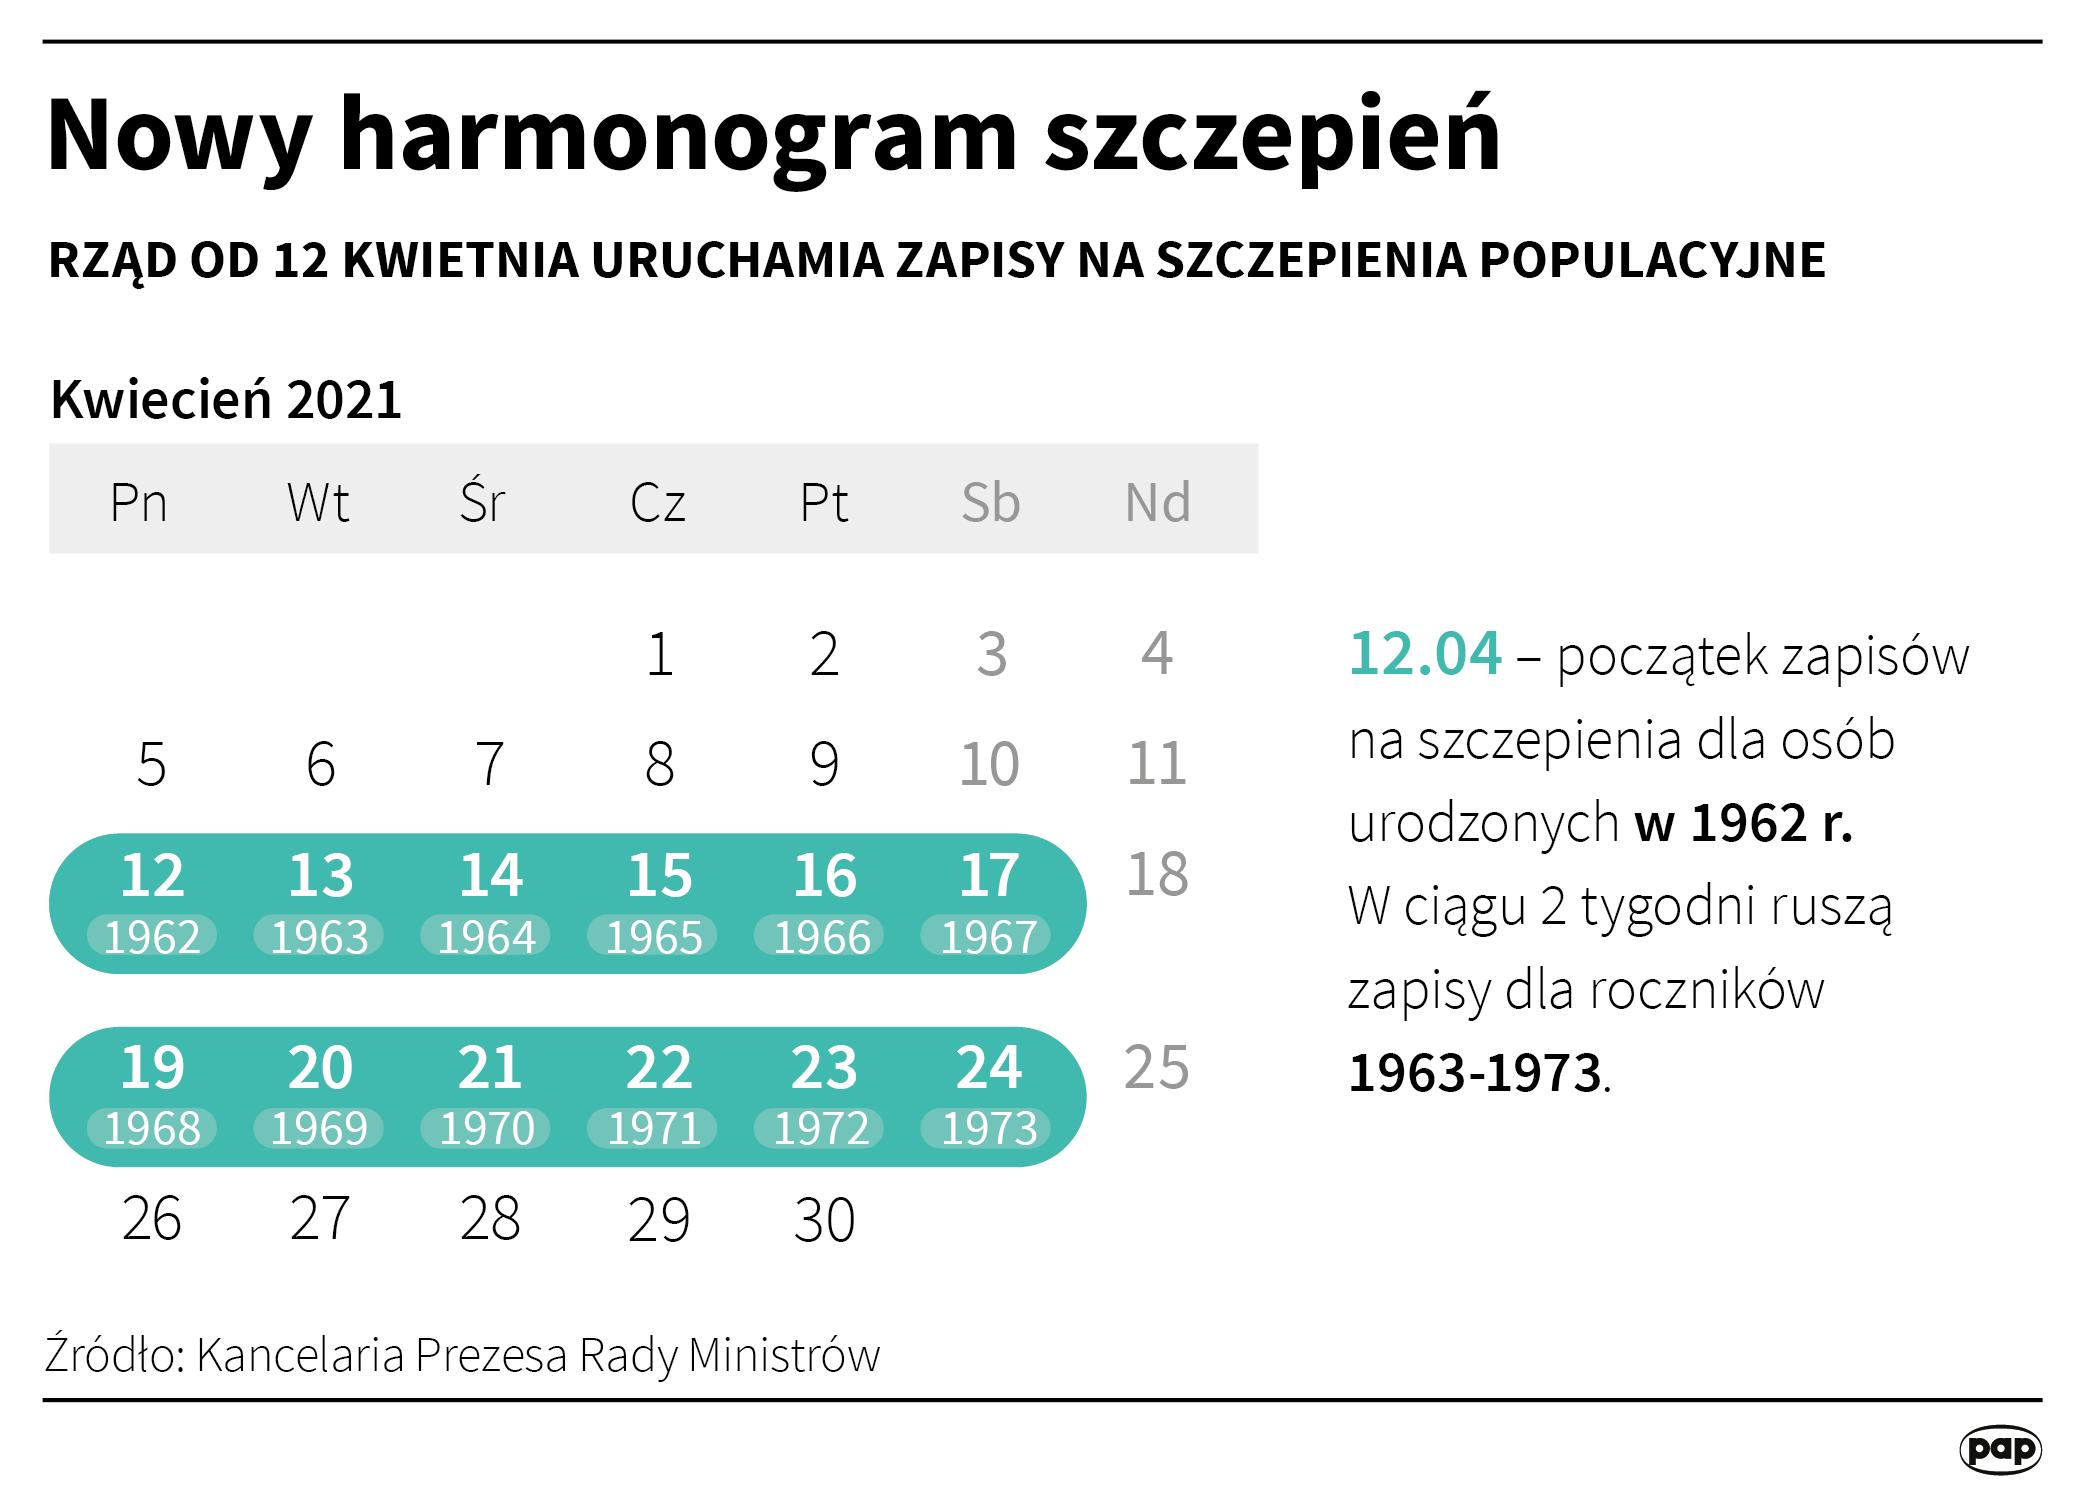 Nowy harmonogram szczepień [Autor: Maciej Zieliński, źródło: PAP]